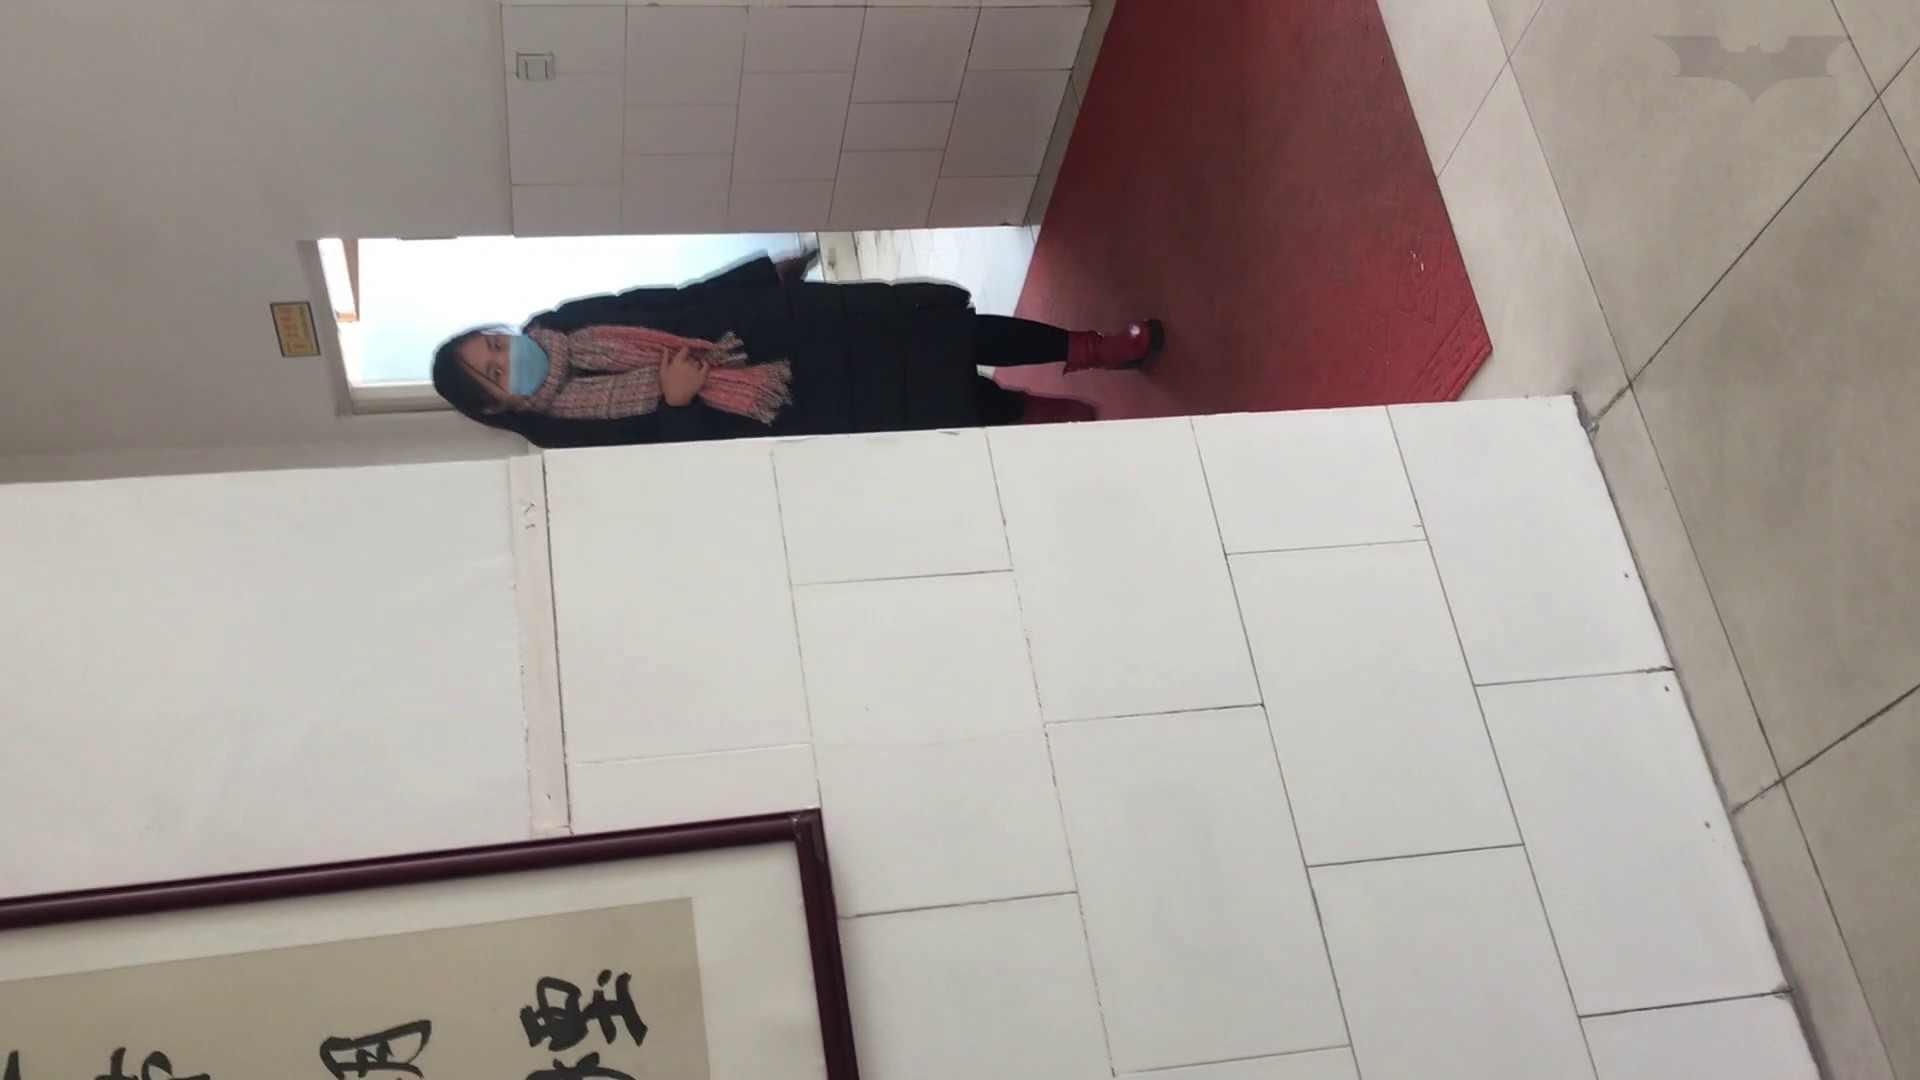 芸術大学ガチ潜入盗撮 JD盗撮 美女の洗面所の秘密 Vol.82 盗撮 | トイレの実態  83PIX 31